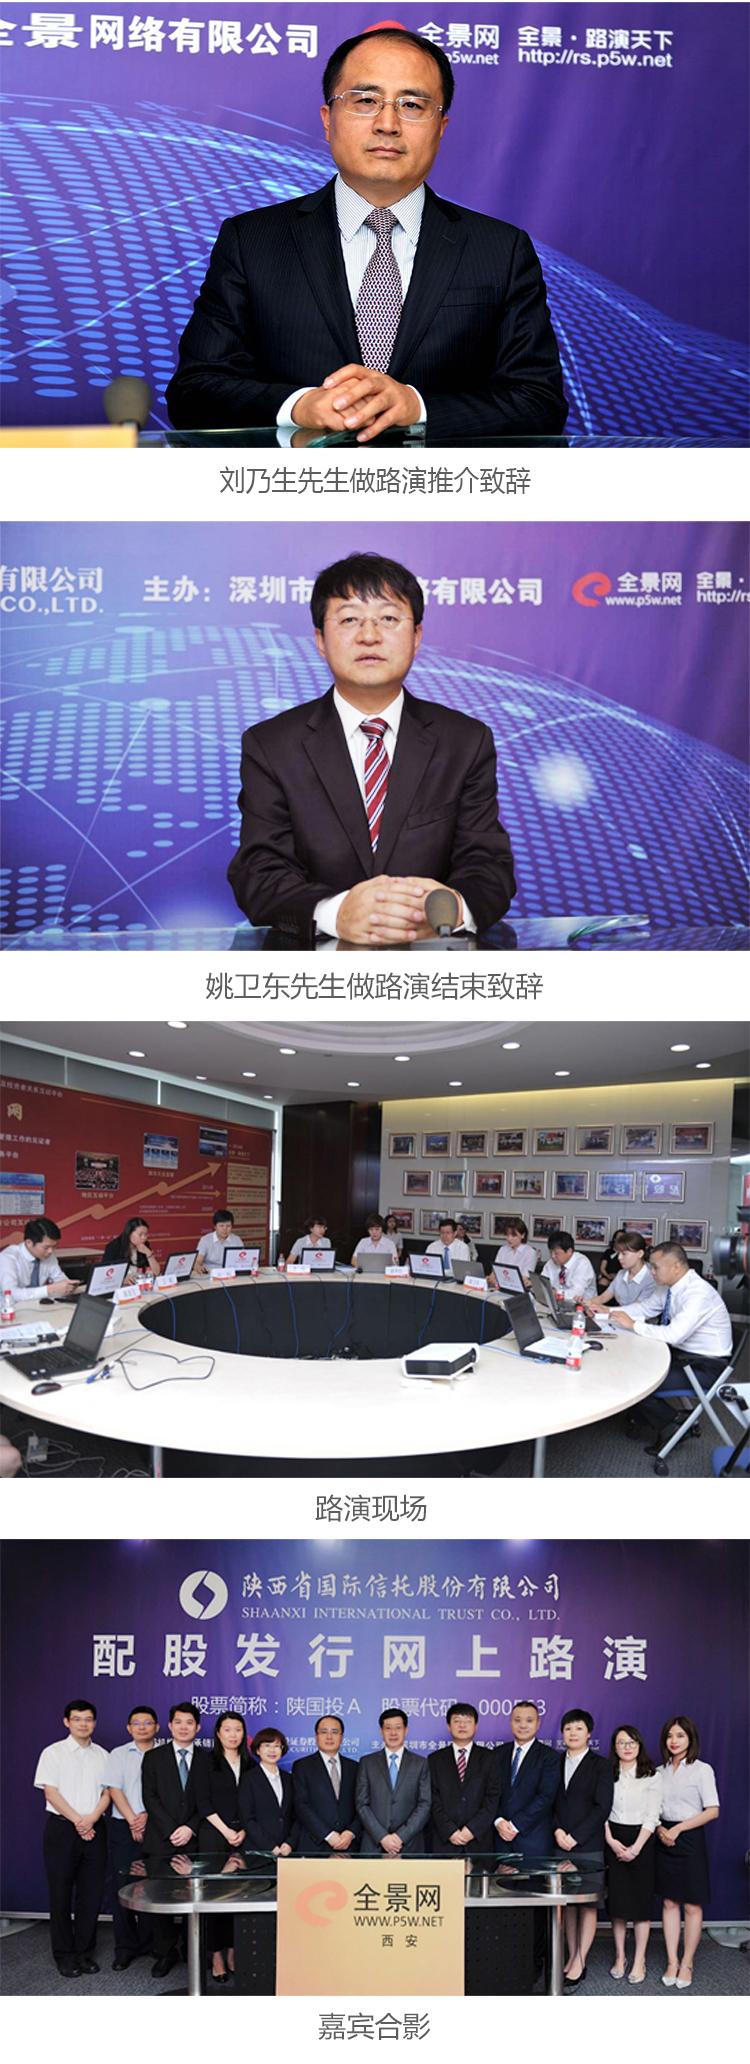 陕西省国际信托股份-路演_-(4).jpg